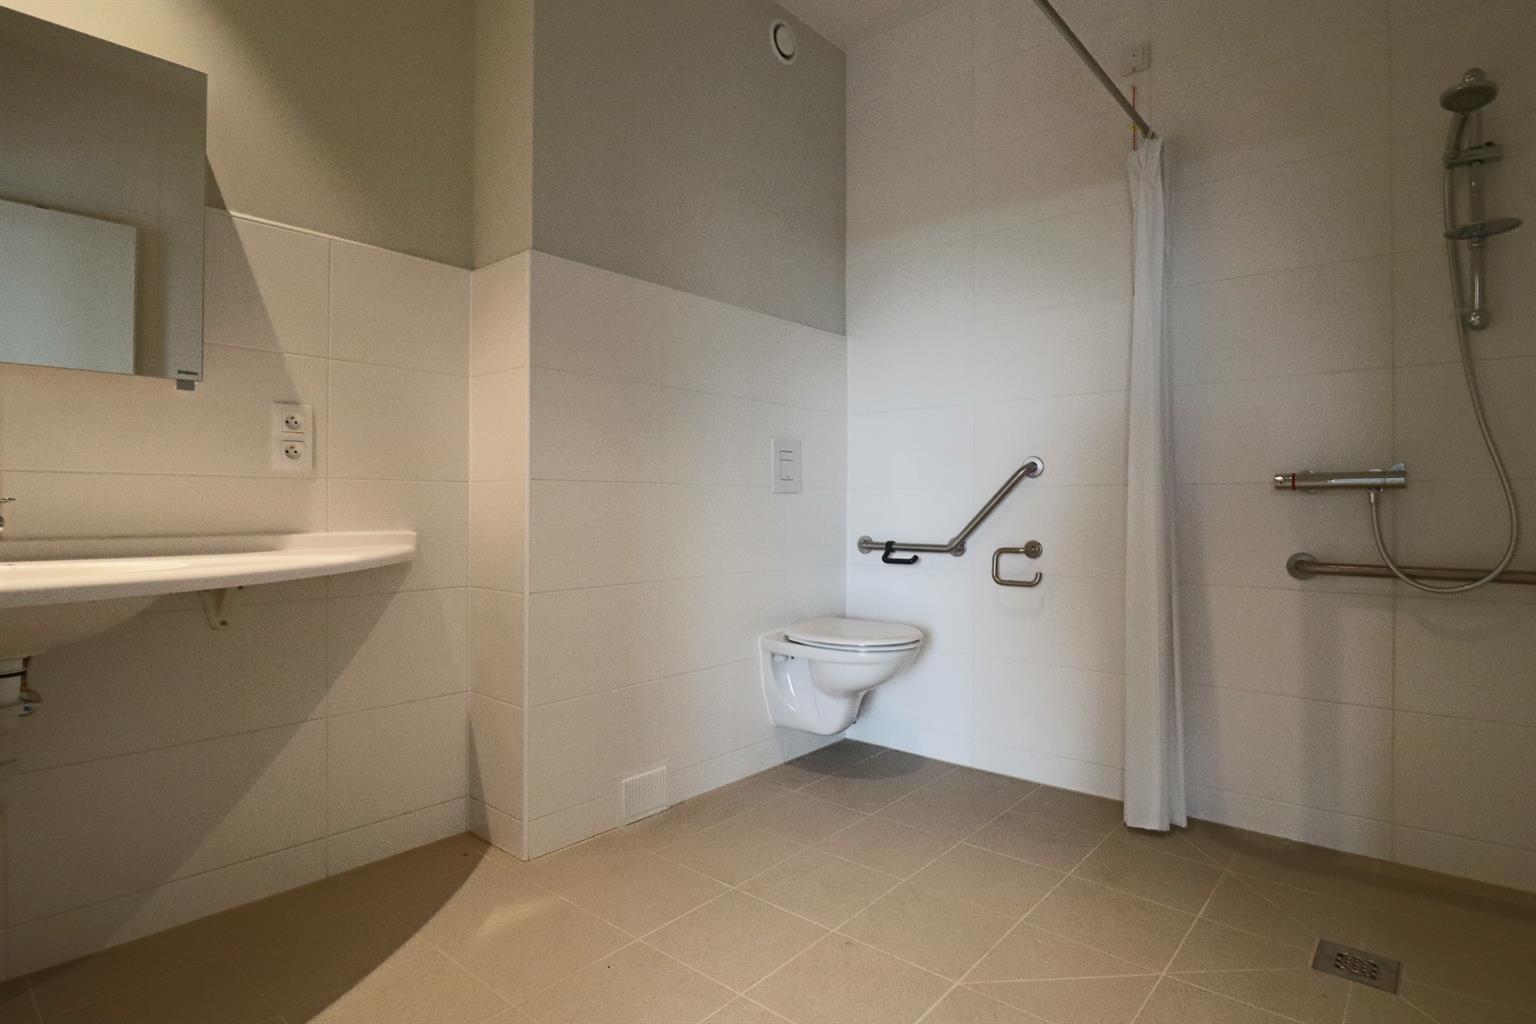 Appartement - Ottignies-Louvain-la-Neuve - #4406877-7